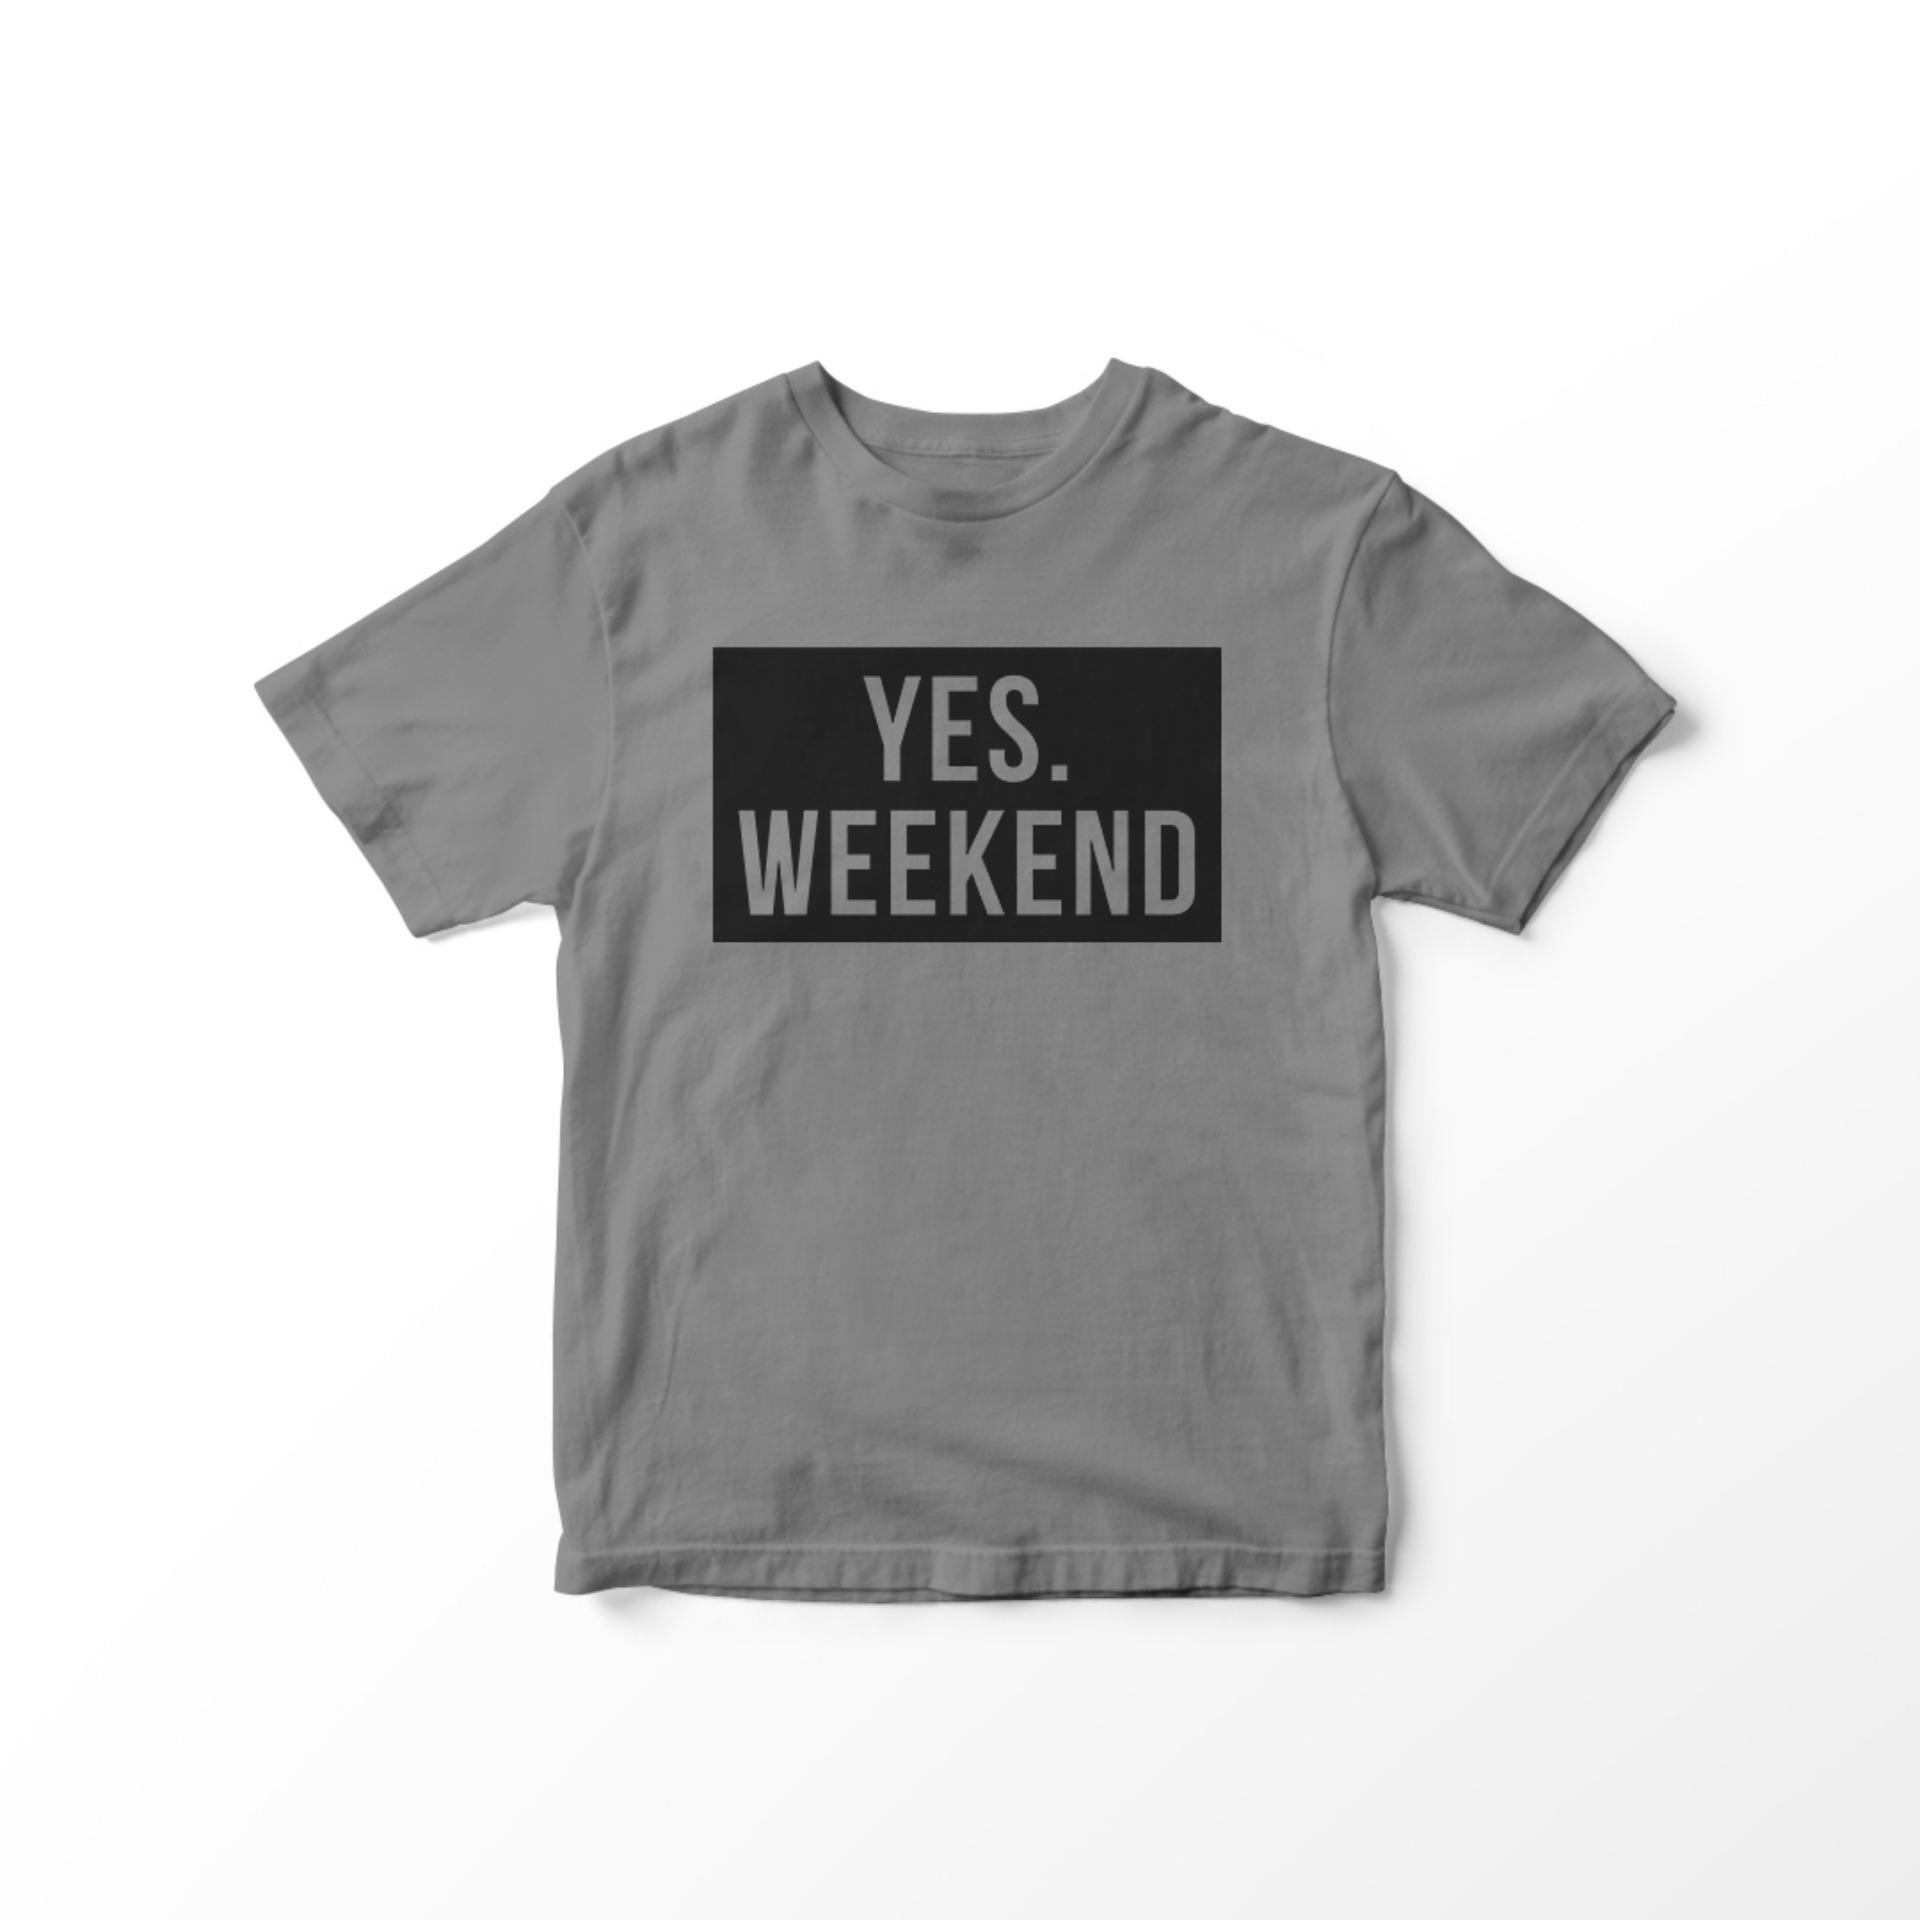 YGTSHIRT - T-shirt Baju YES WEEKEND Tumblr Tee Cewek / Kaos Wanita / Tshirt